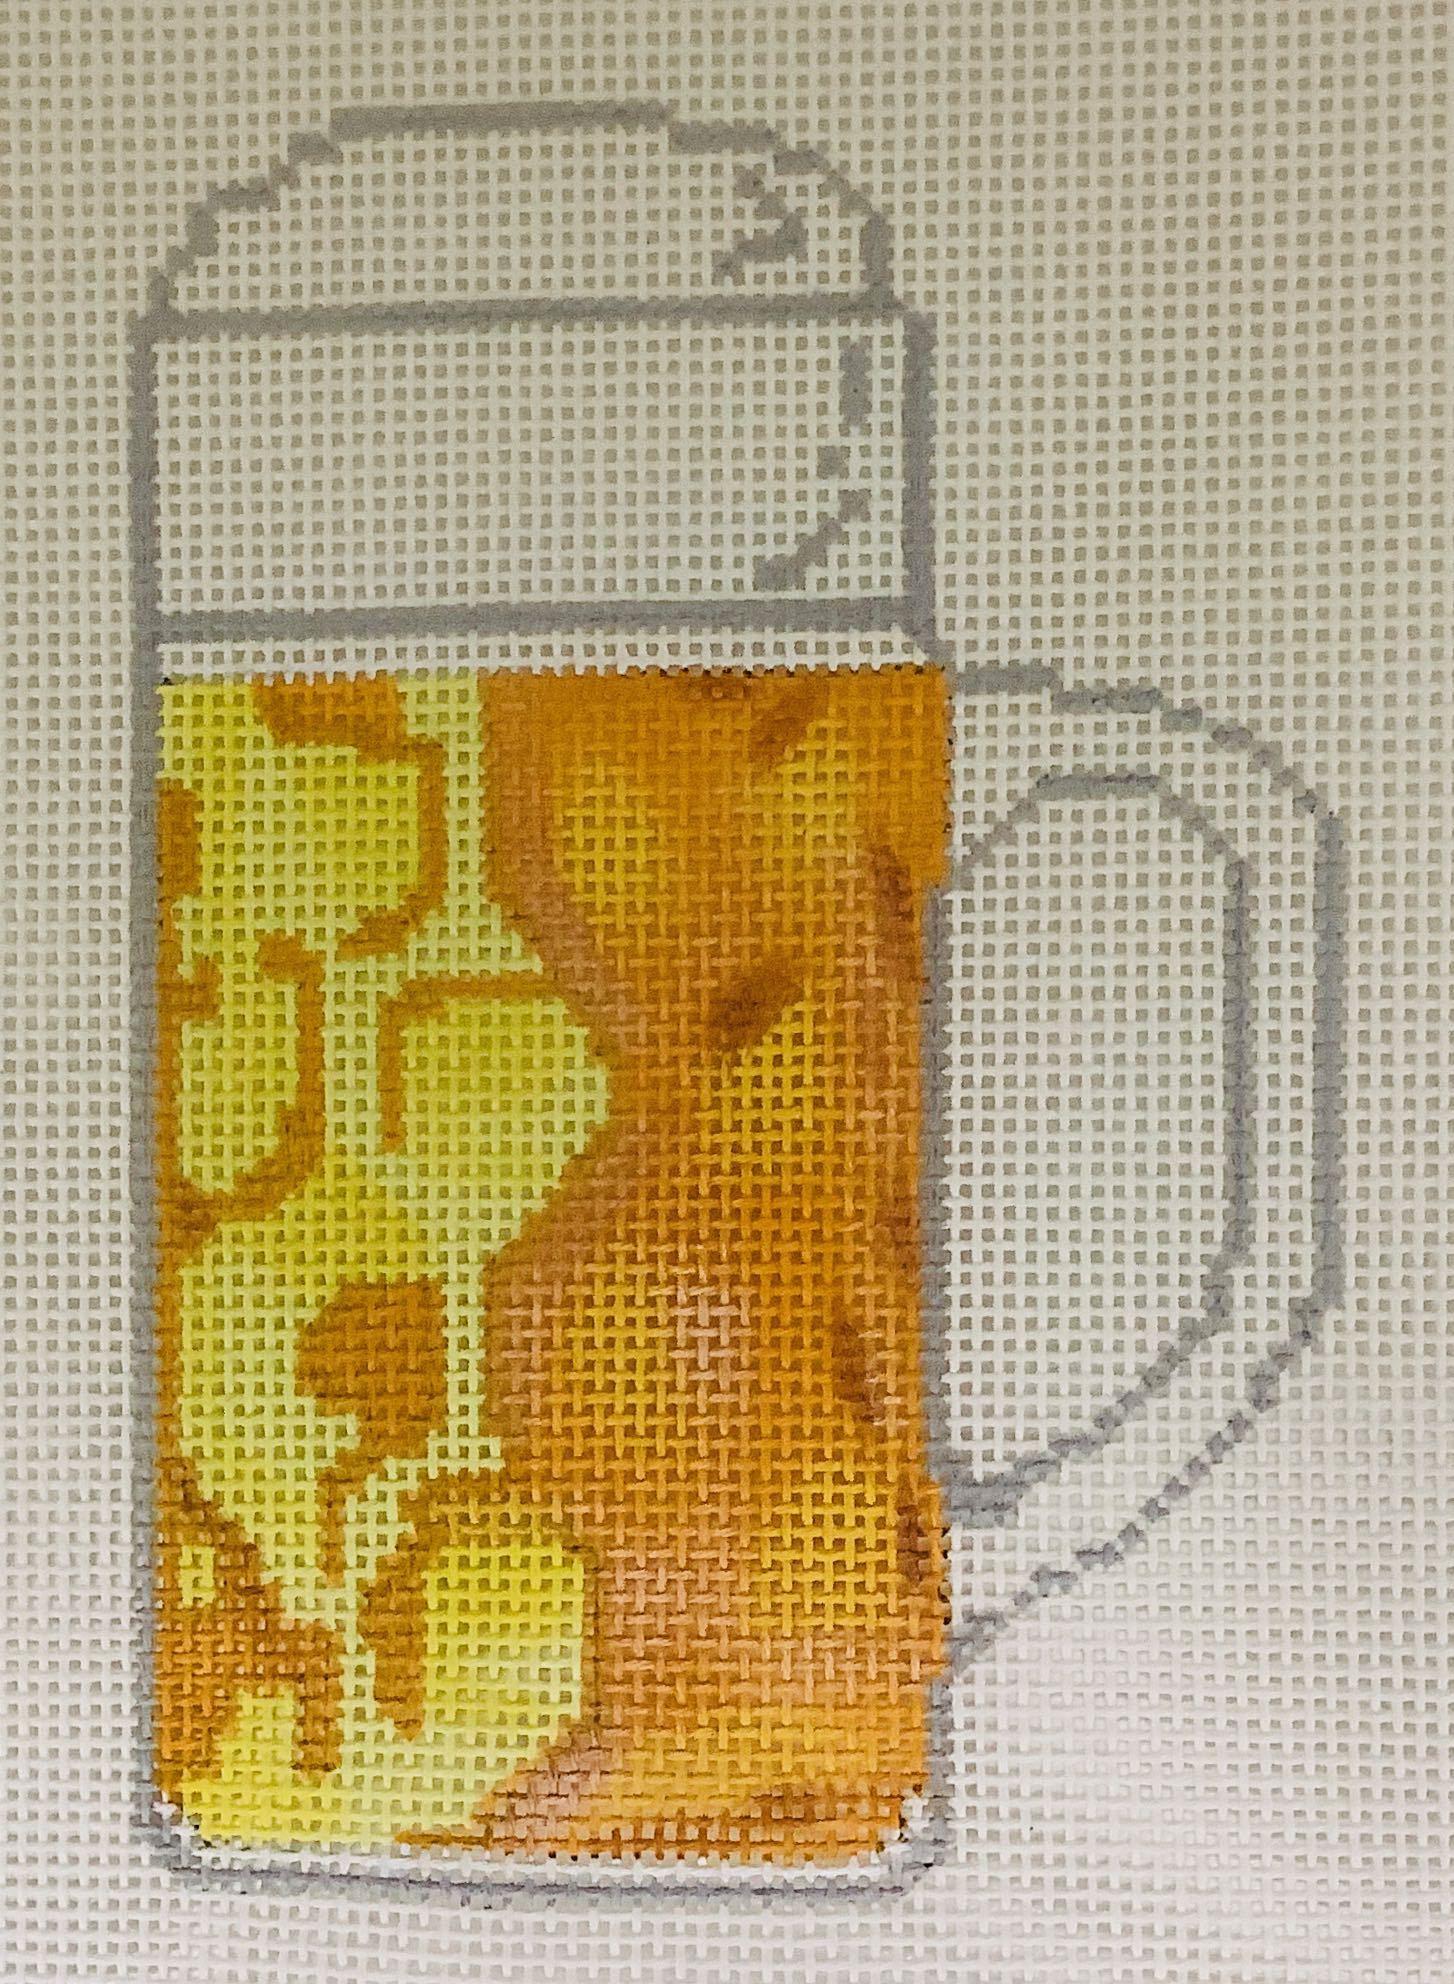 R7 Oktoberfest Beer Stein Ornament Blue Ridge Stitchery